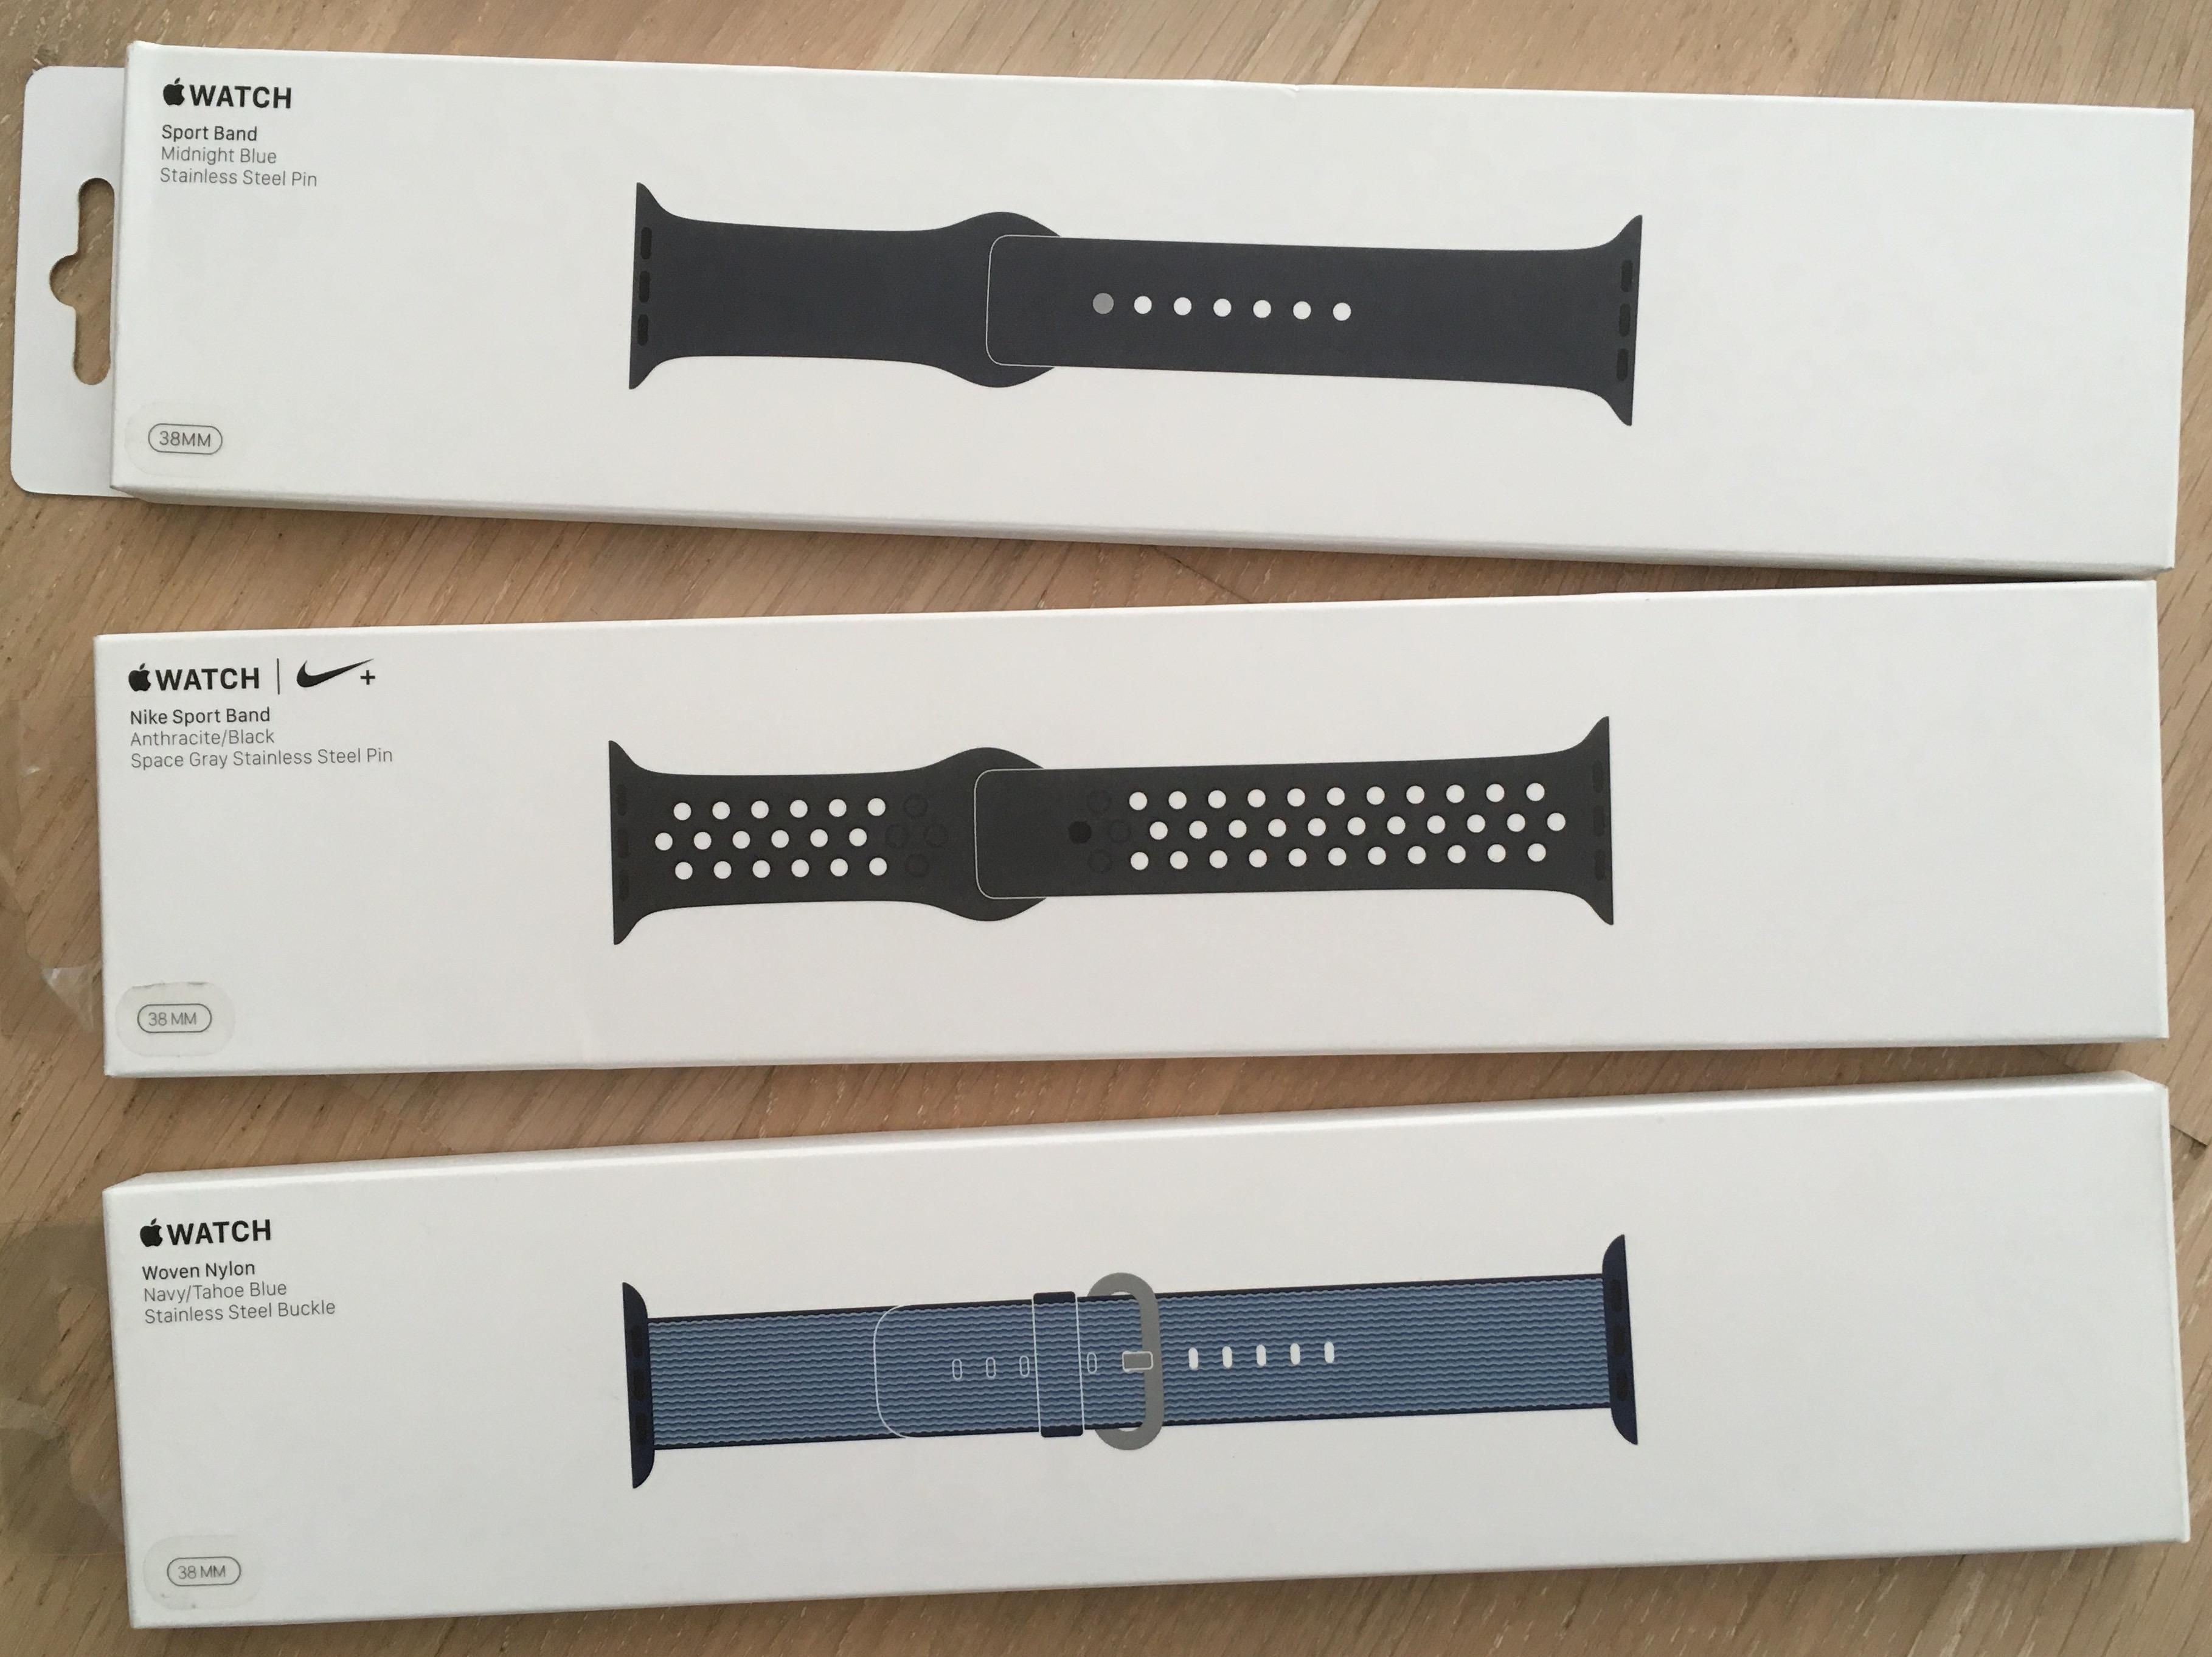 [Lokal Berlin] Apple Watch Armbänder für 20 EUR bei Mediamarkt. (Sport / Nylon / Nike in 38 und 42 mm)